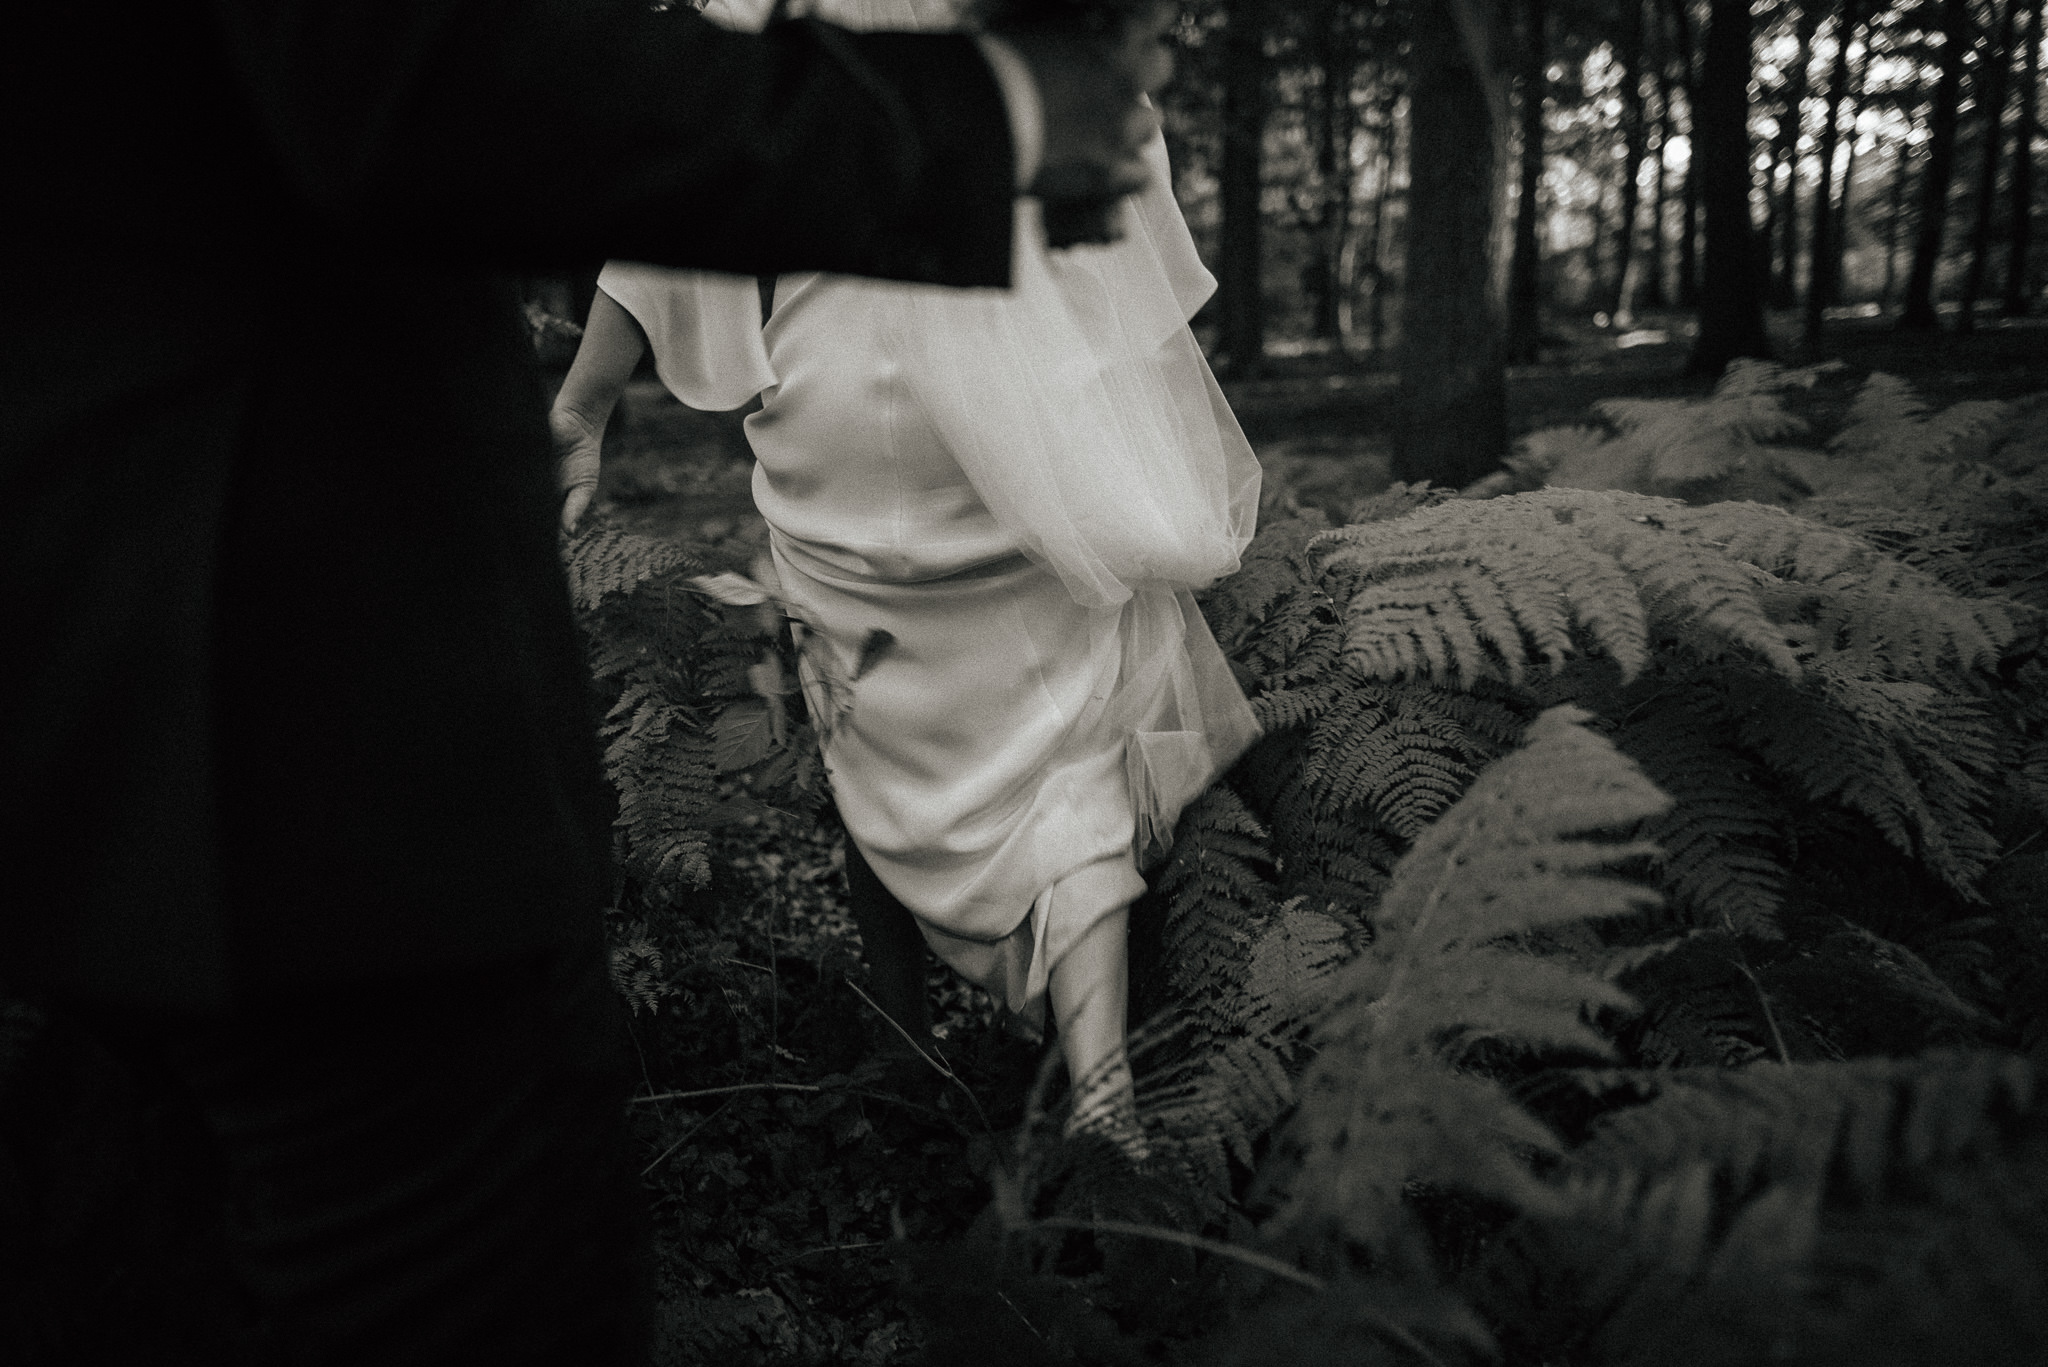 Timo Hess Fotografie - Hochzeitsfotograf Köln - Lenas Und Julians Gartenhochzeit in Dinslaken - Hochzeitsfotograf Coburg - Hochzeitsreportage - Hochzeitsfotografie